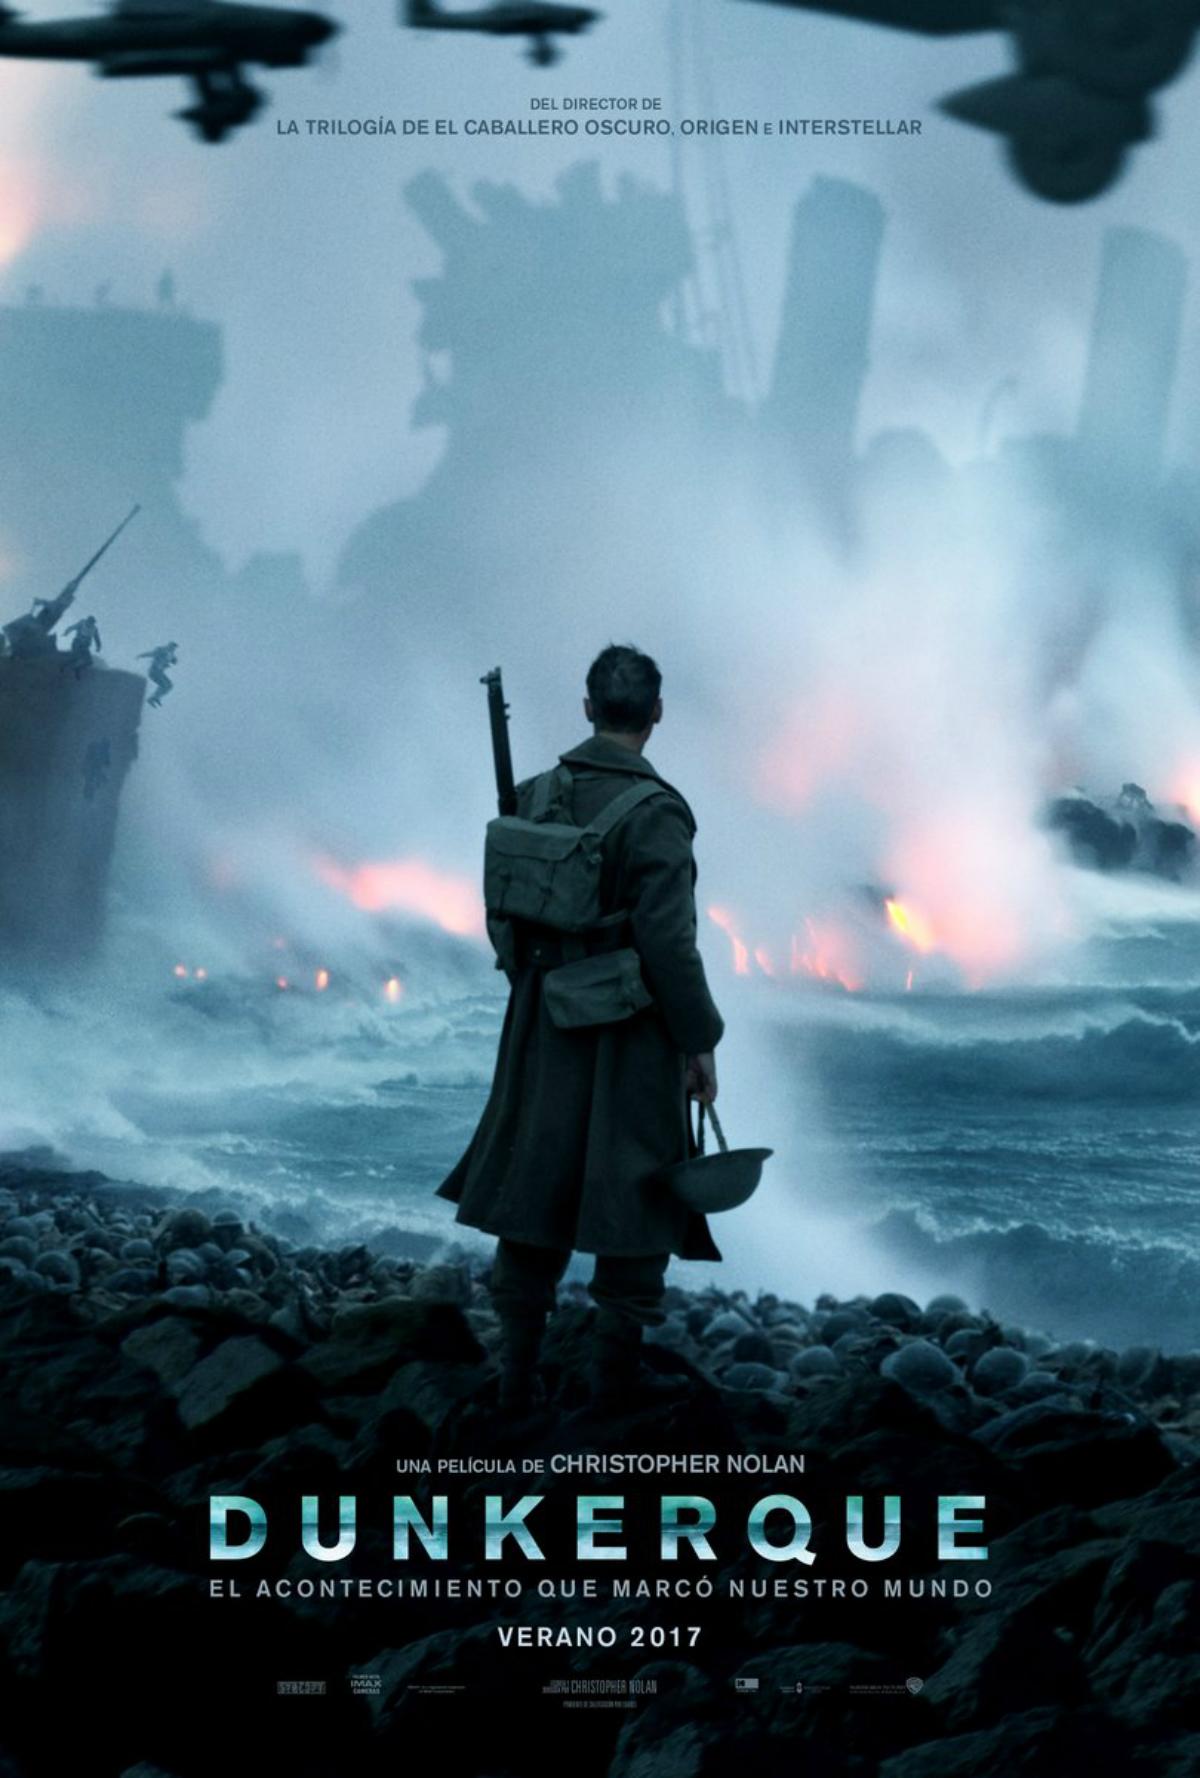 El nuevo trailer de Dunkerque, estreno 27 de Julio